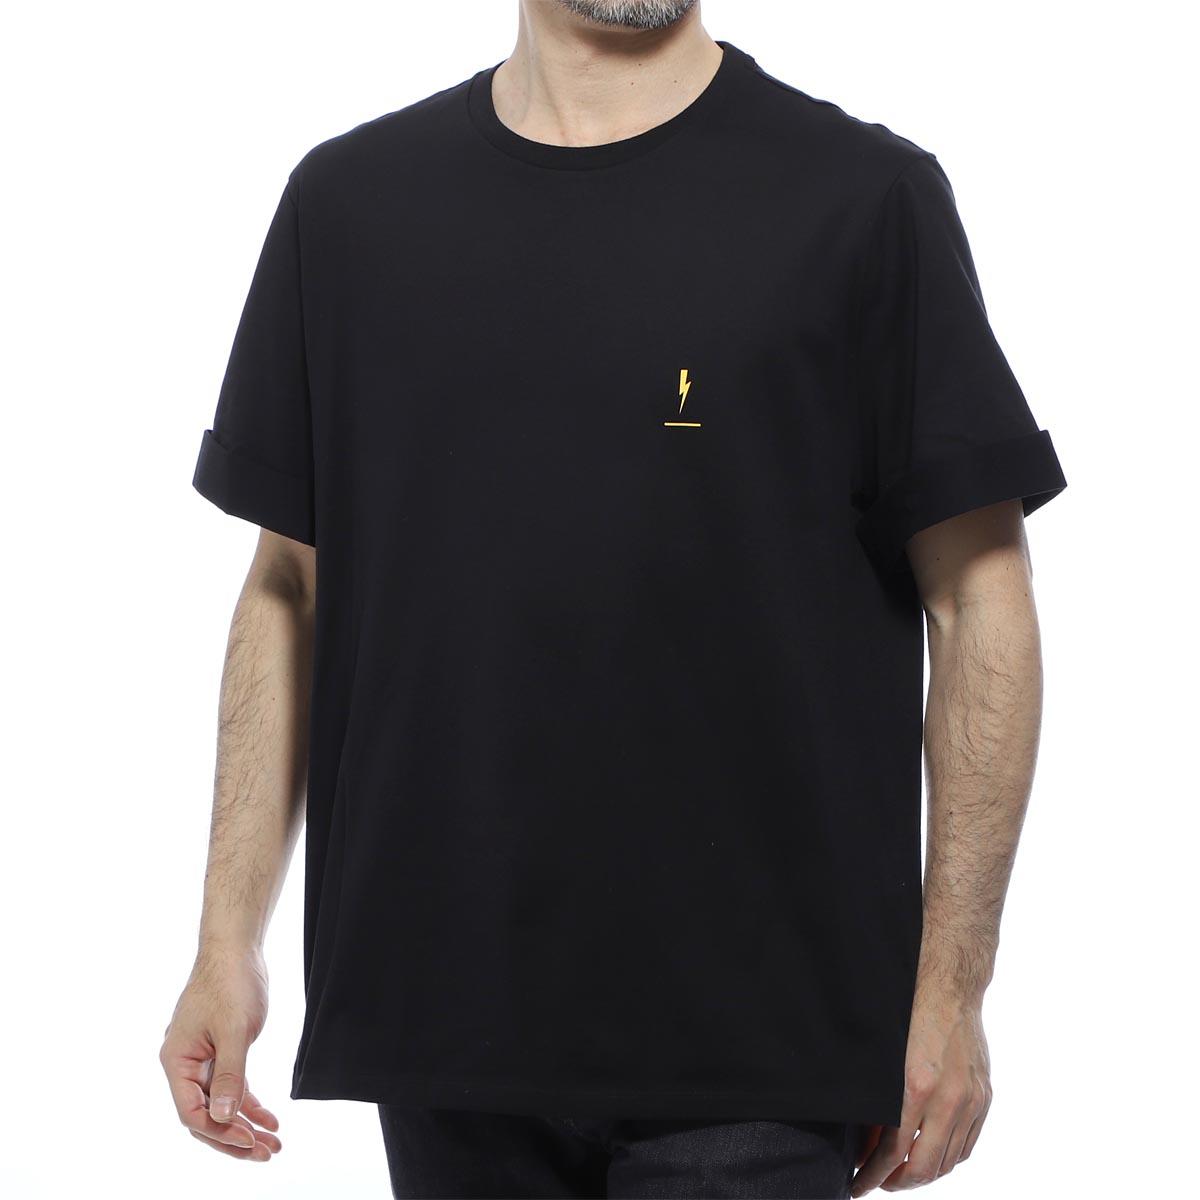 ニールバレット NeIL BarreTT クルーネックTシャツ イエロー メンズ pbjt577s m520s 1004 FIT LOOSE REGULAR【あす楽対応_関東】【返品送料無料】【ラッピング無料】